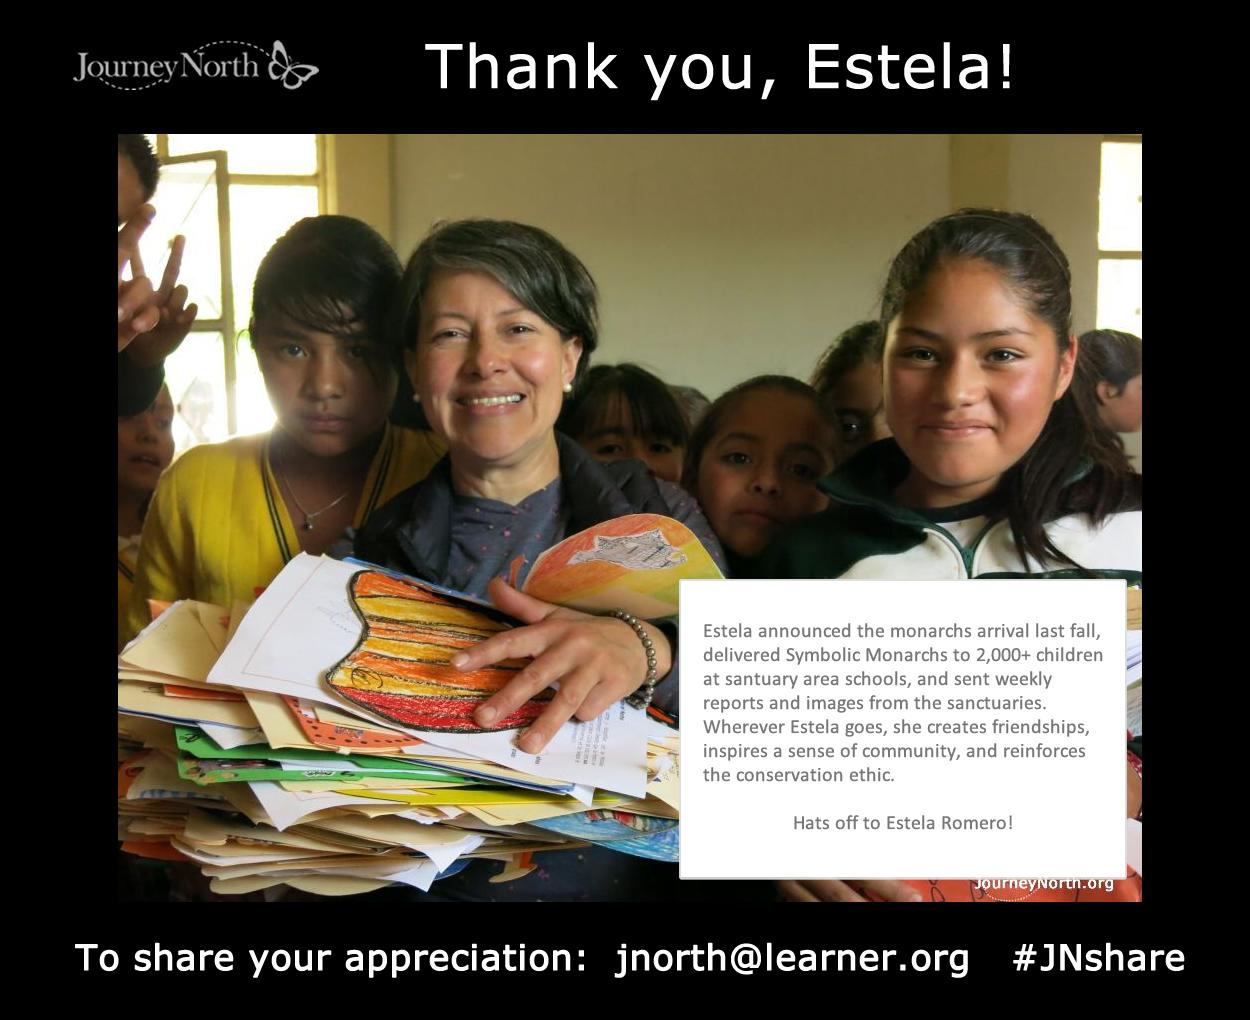 Share Appreciation for Estela Romero